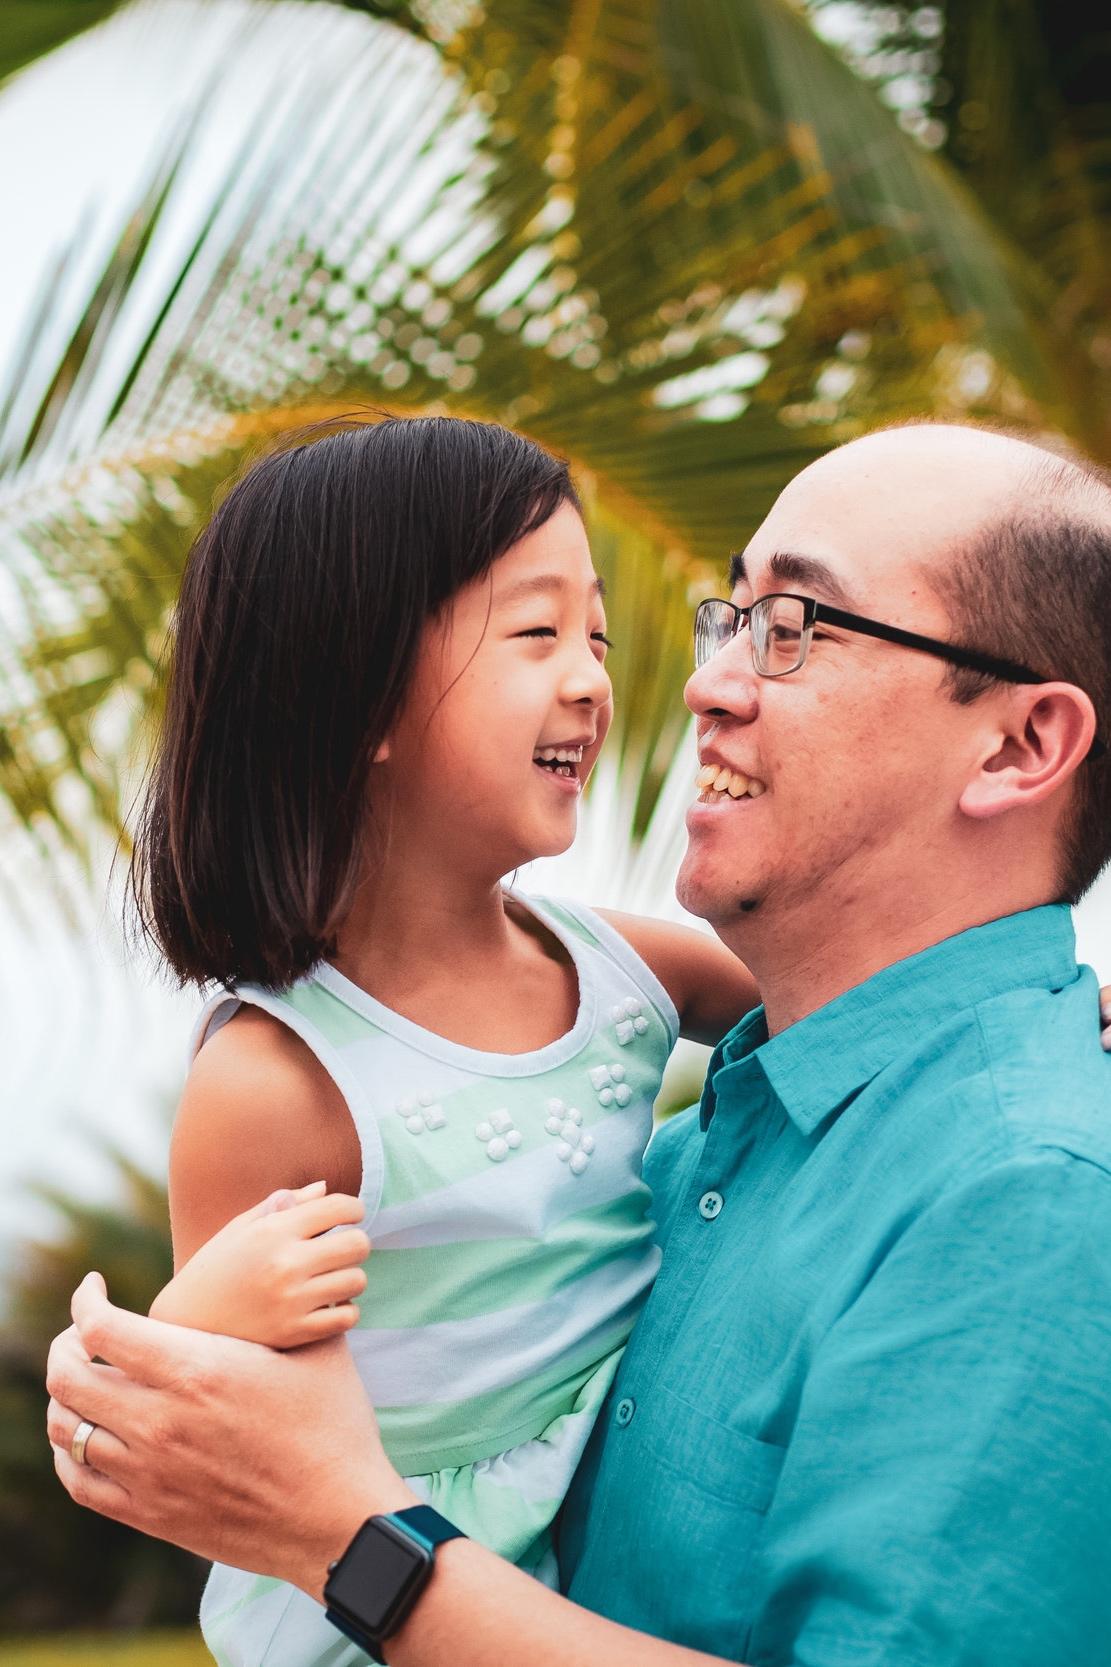 kelilina photography lifestyle family photographer1.jpg